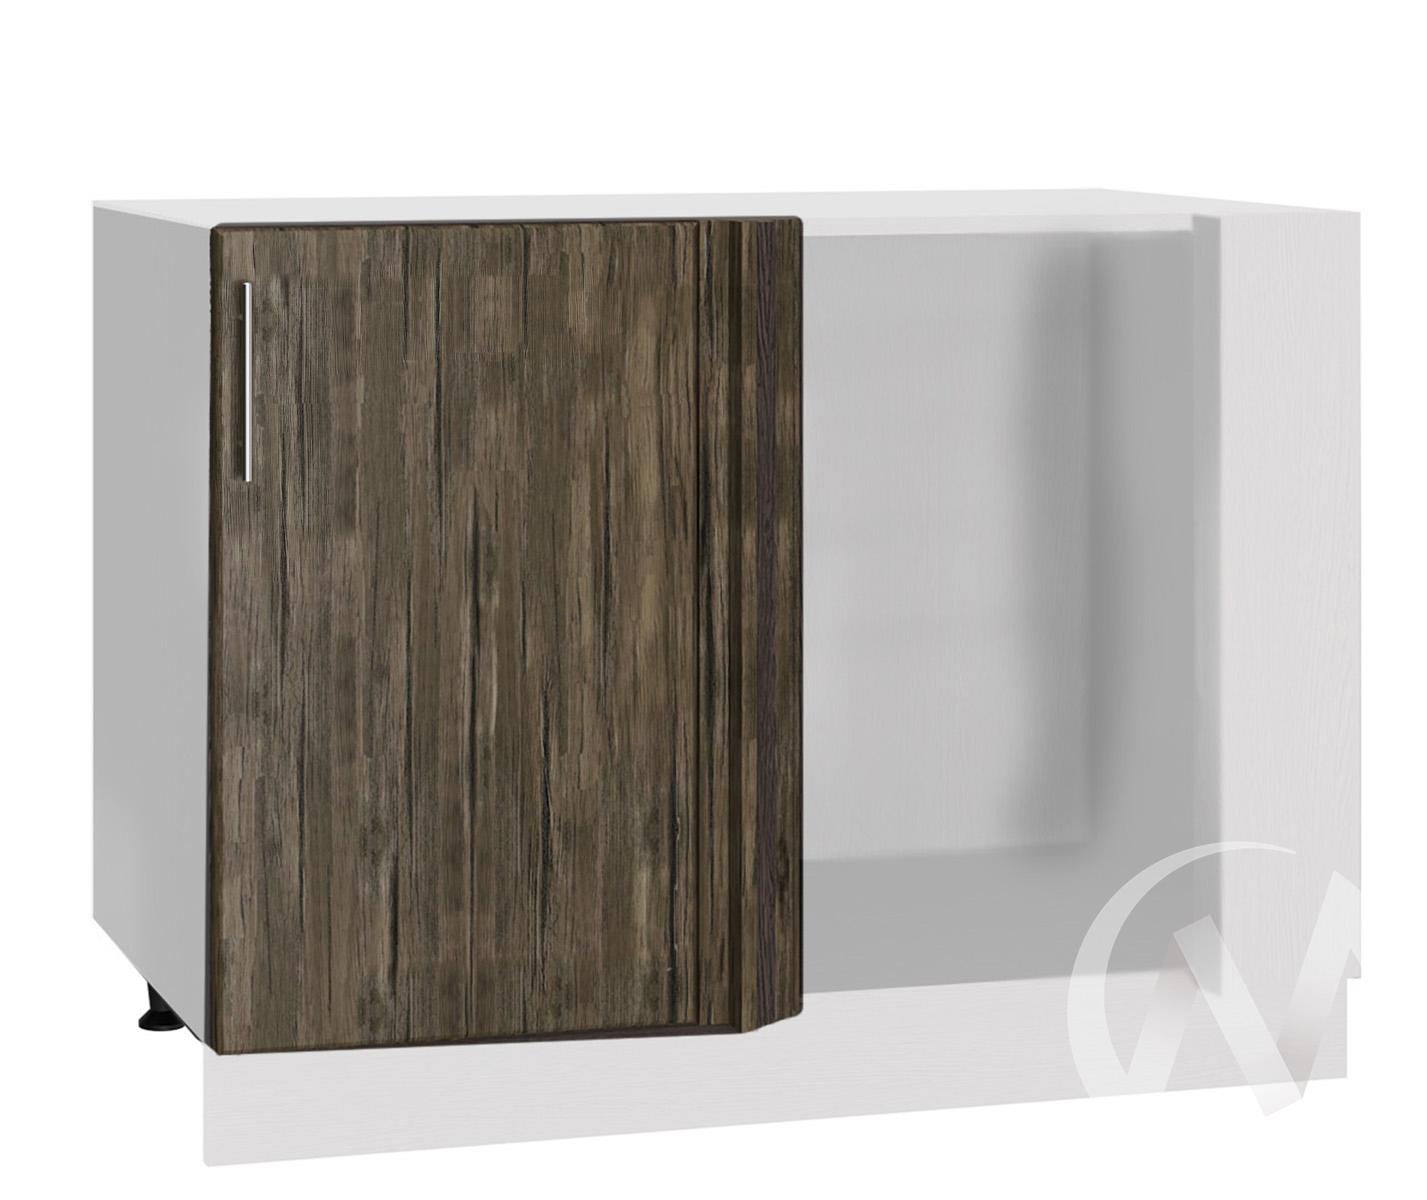 """Кухня """"Норден"""": Шкаф нижний угловой 990М, ШНУ 990М (старое дерево/корпус белый)"""